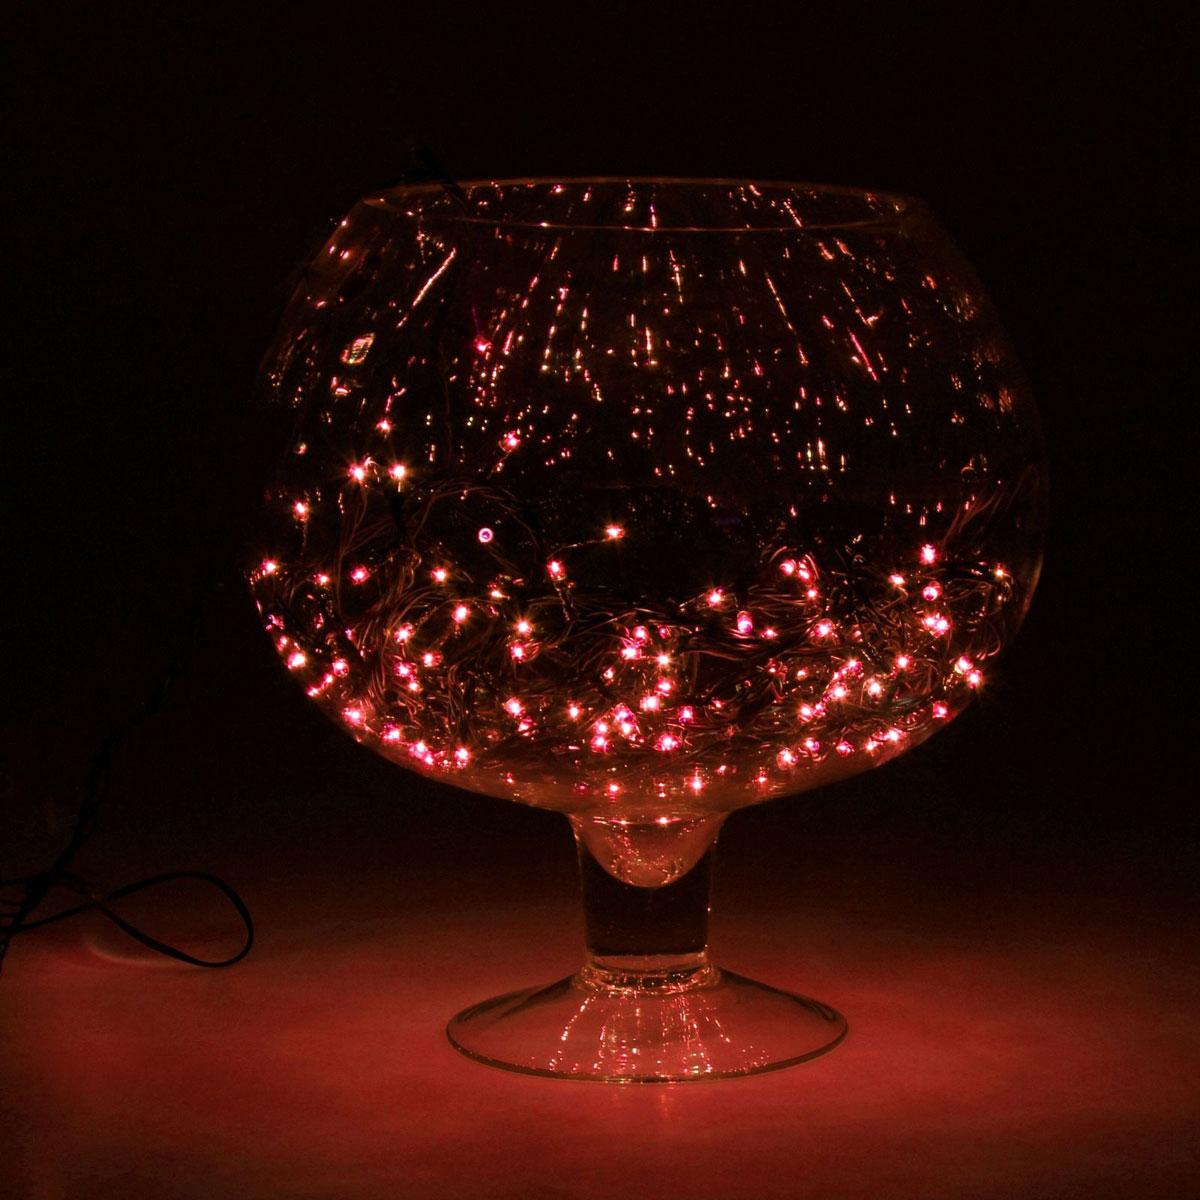 Гирлянда светодиодная Luazon Метраж, уличная, 50 ламп, 220 V, 5 м, цвет: красный. 187239187239Светодиодные гирлянды, ленты и т.д. — это отличный вариант для новогоднего оформления интерьера или фасада. С их помощью помещение любого размера можно превратить в праздничный зал, а внешние элементы зданий, украшенные ими, мгновенно станут напоминать очертания сказочного дворца. Такие украшения создают ауру предвкушения чуда. Деревья, фасады, витрины, окна и арки будто специально созданы, чтобы вы украсили их светящимися нитями.